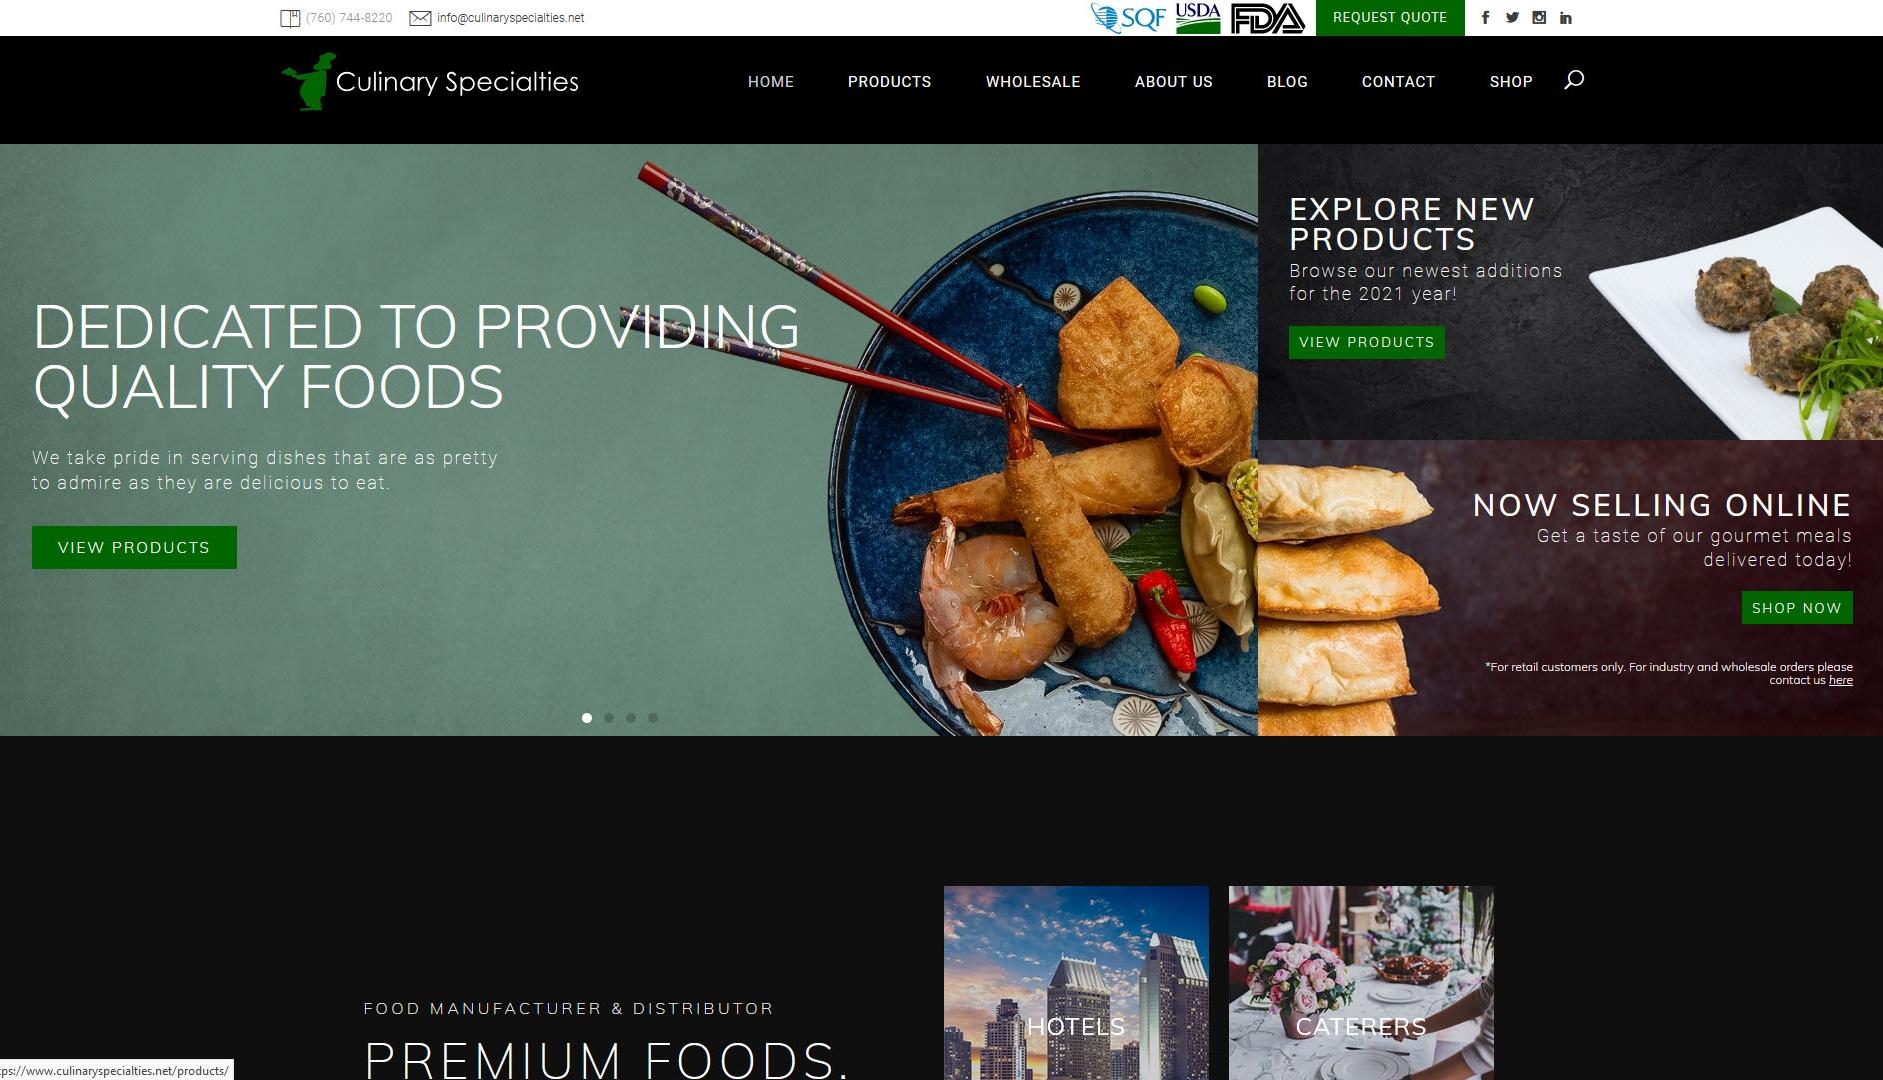 Culinary Specialties